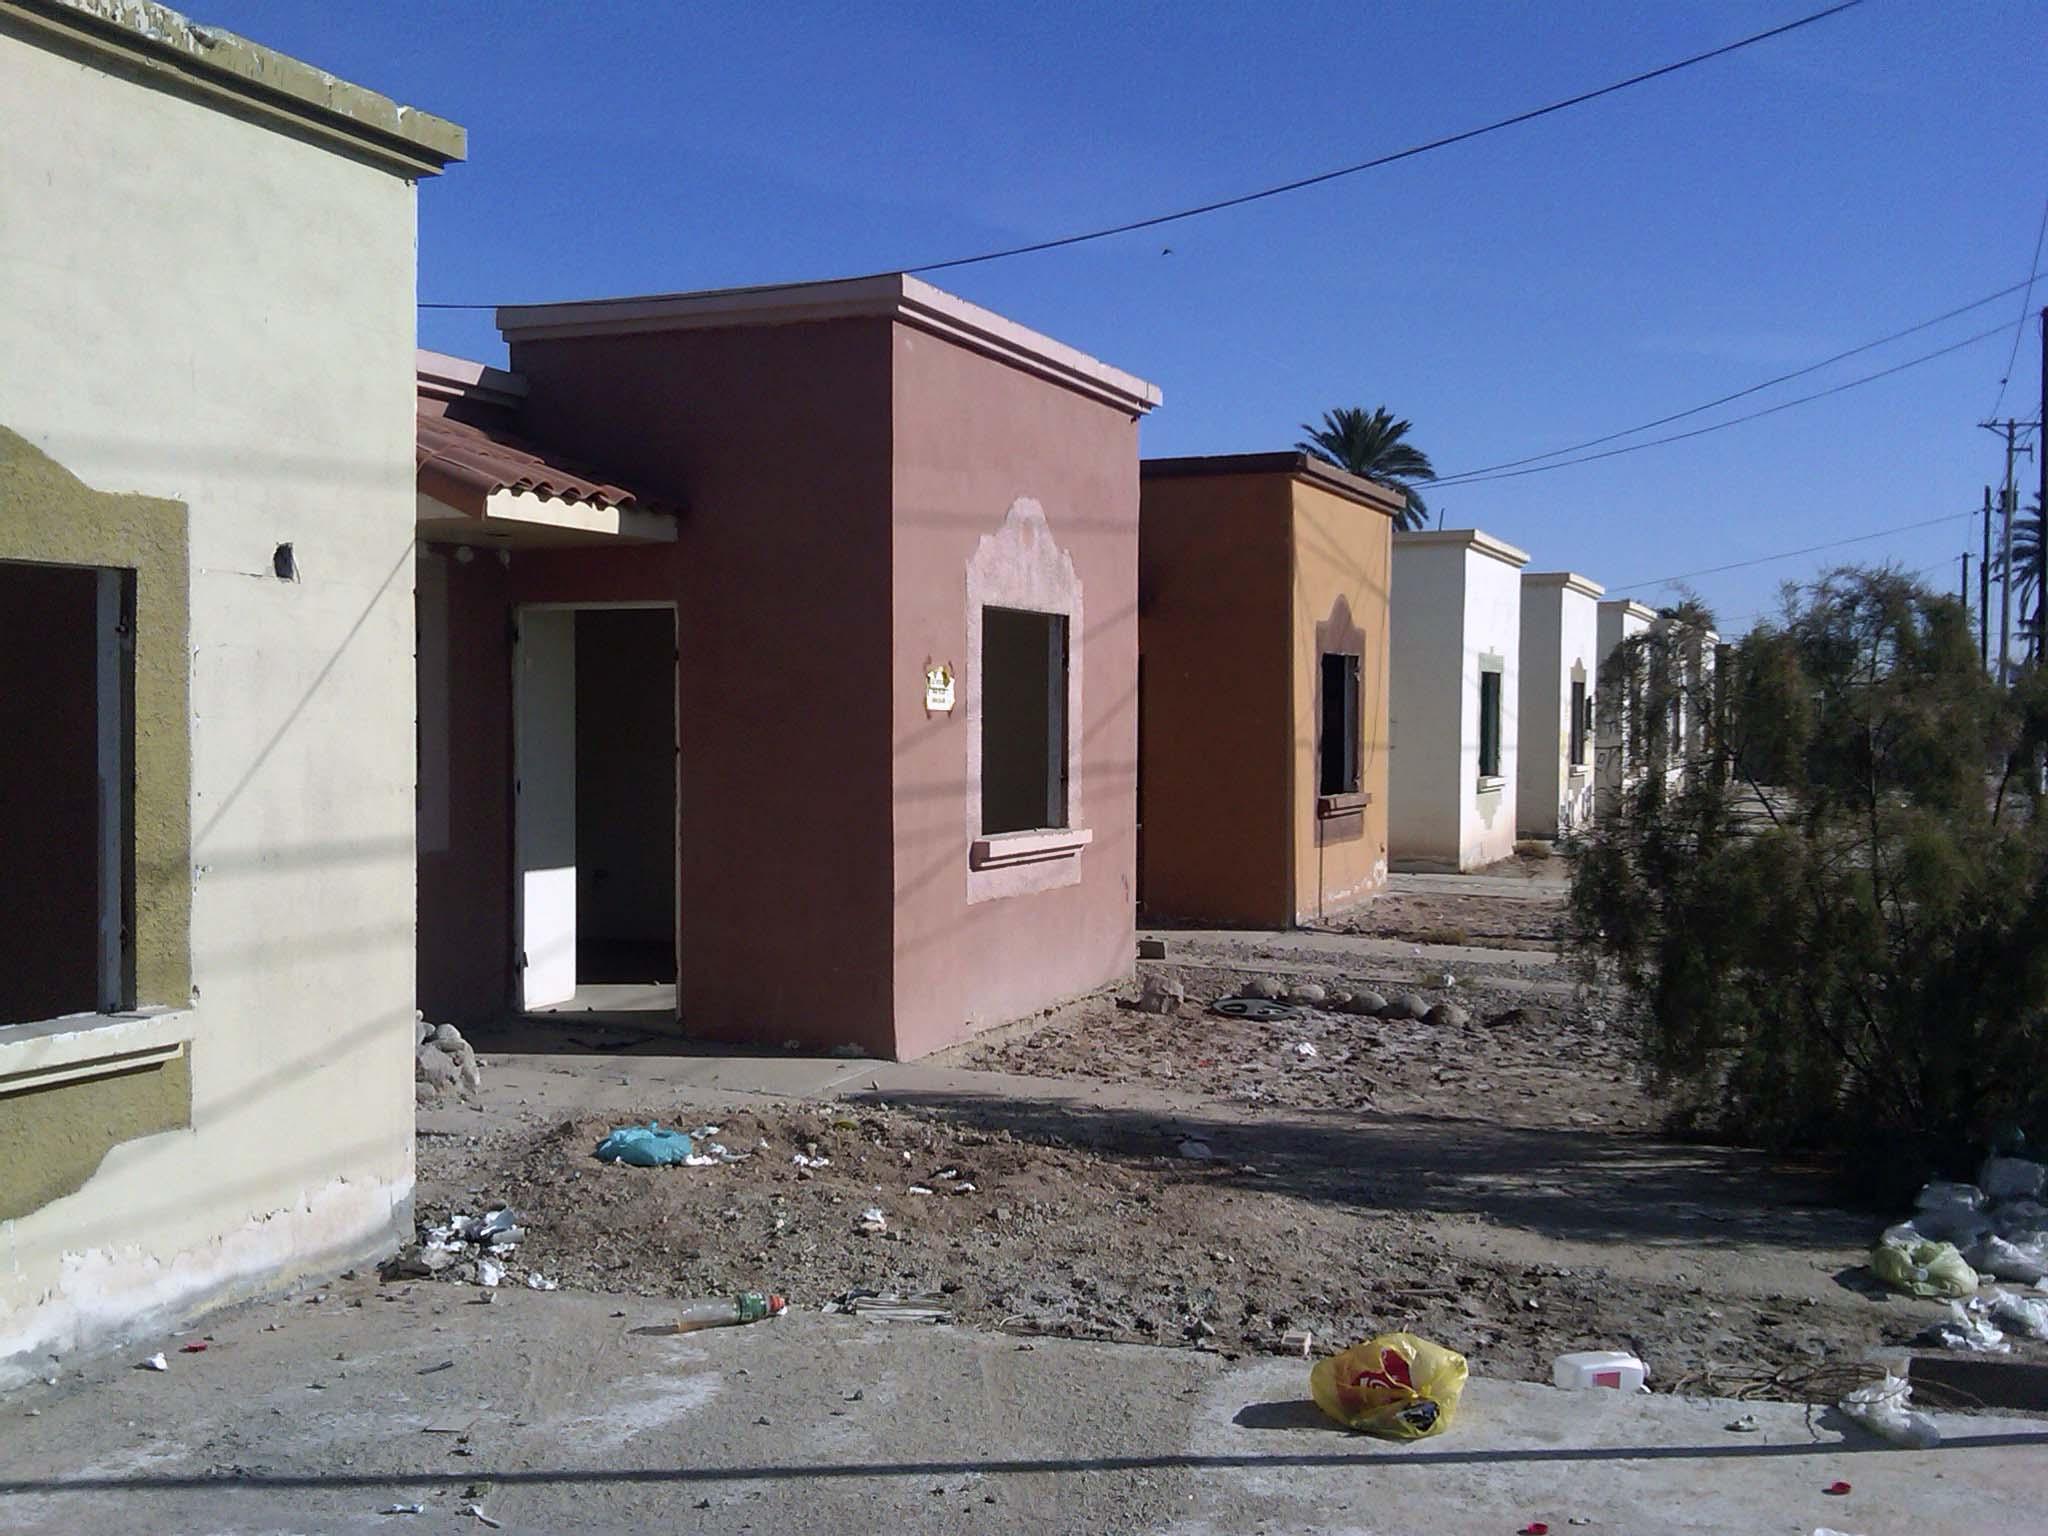 Casas Infonavit Estado De Mexico : Cómo comprar una casa abandonada del infonavit hola atizapán